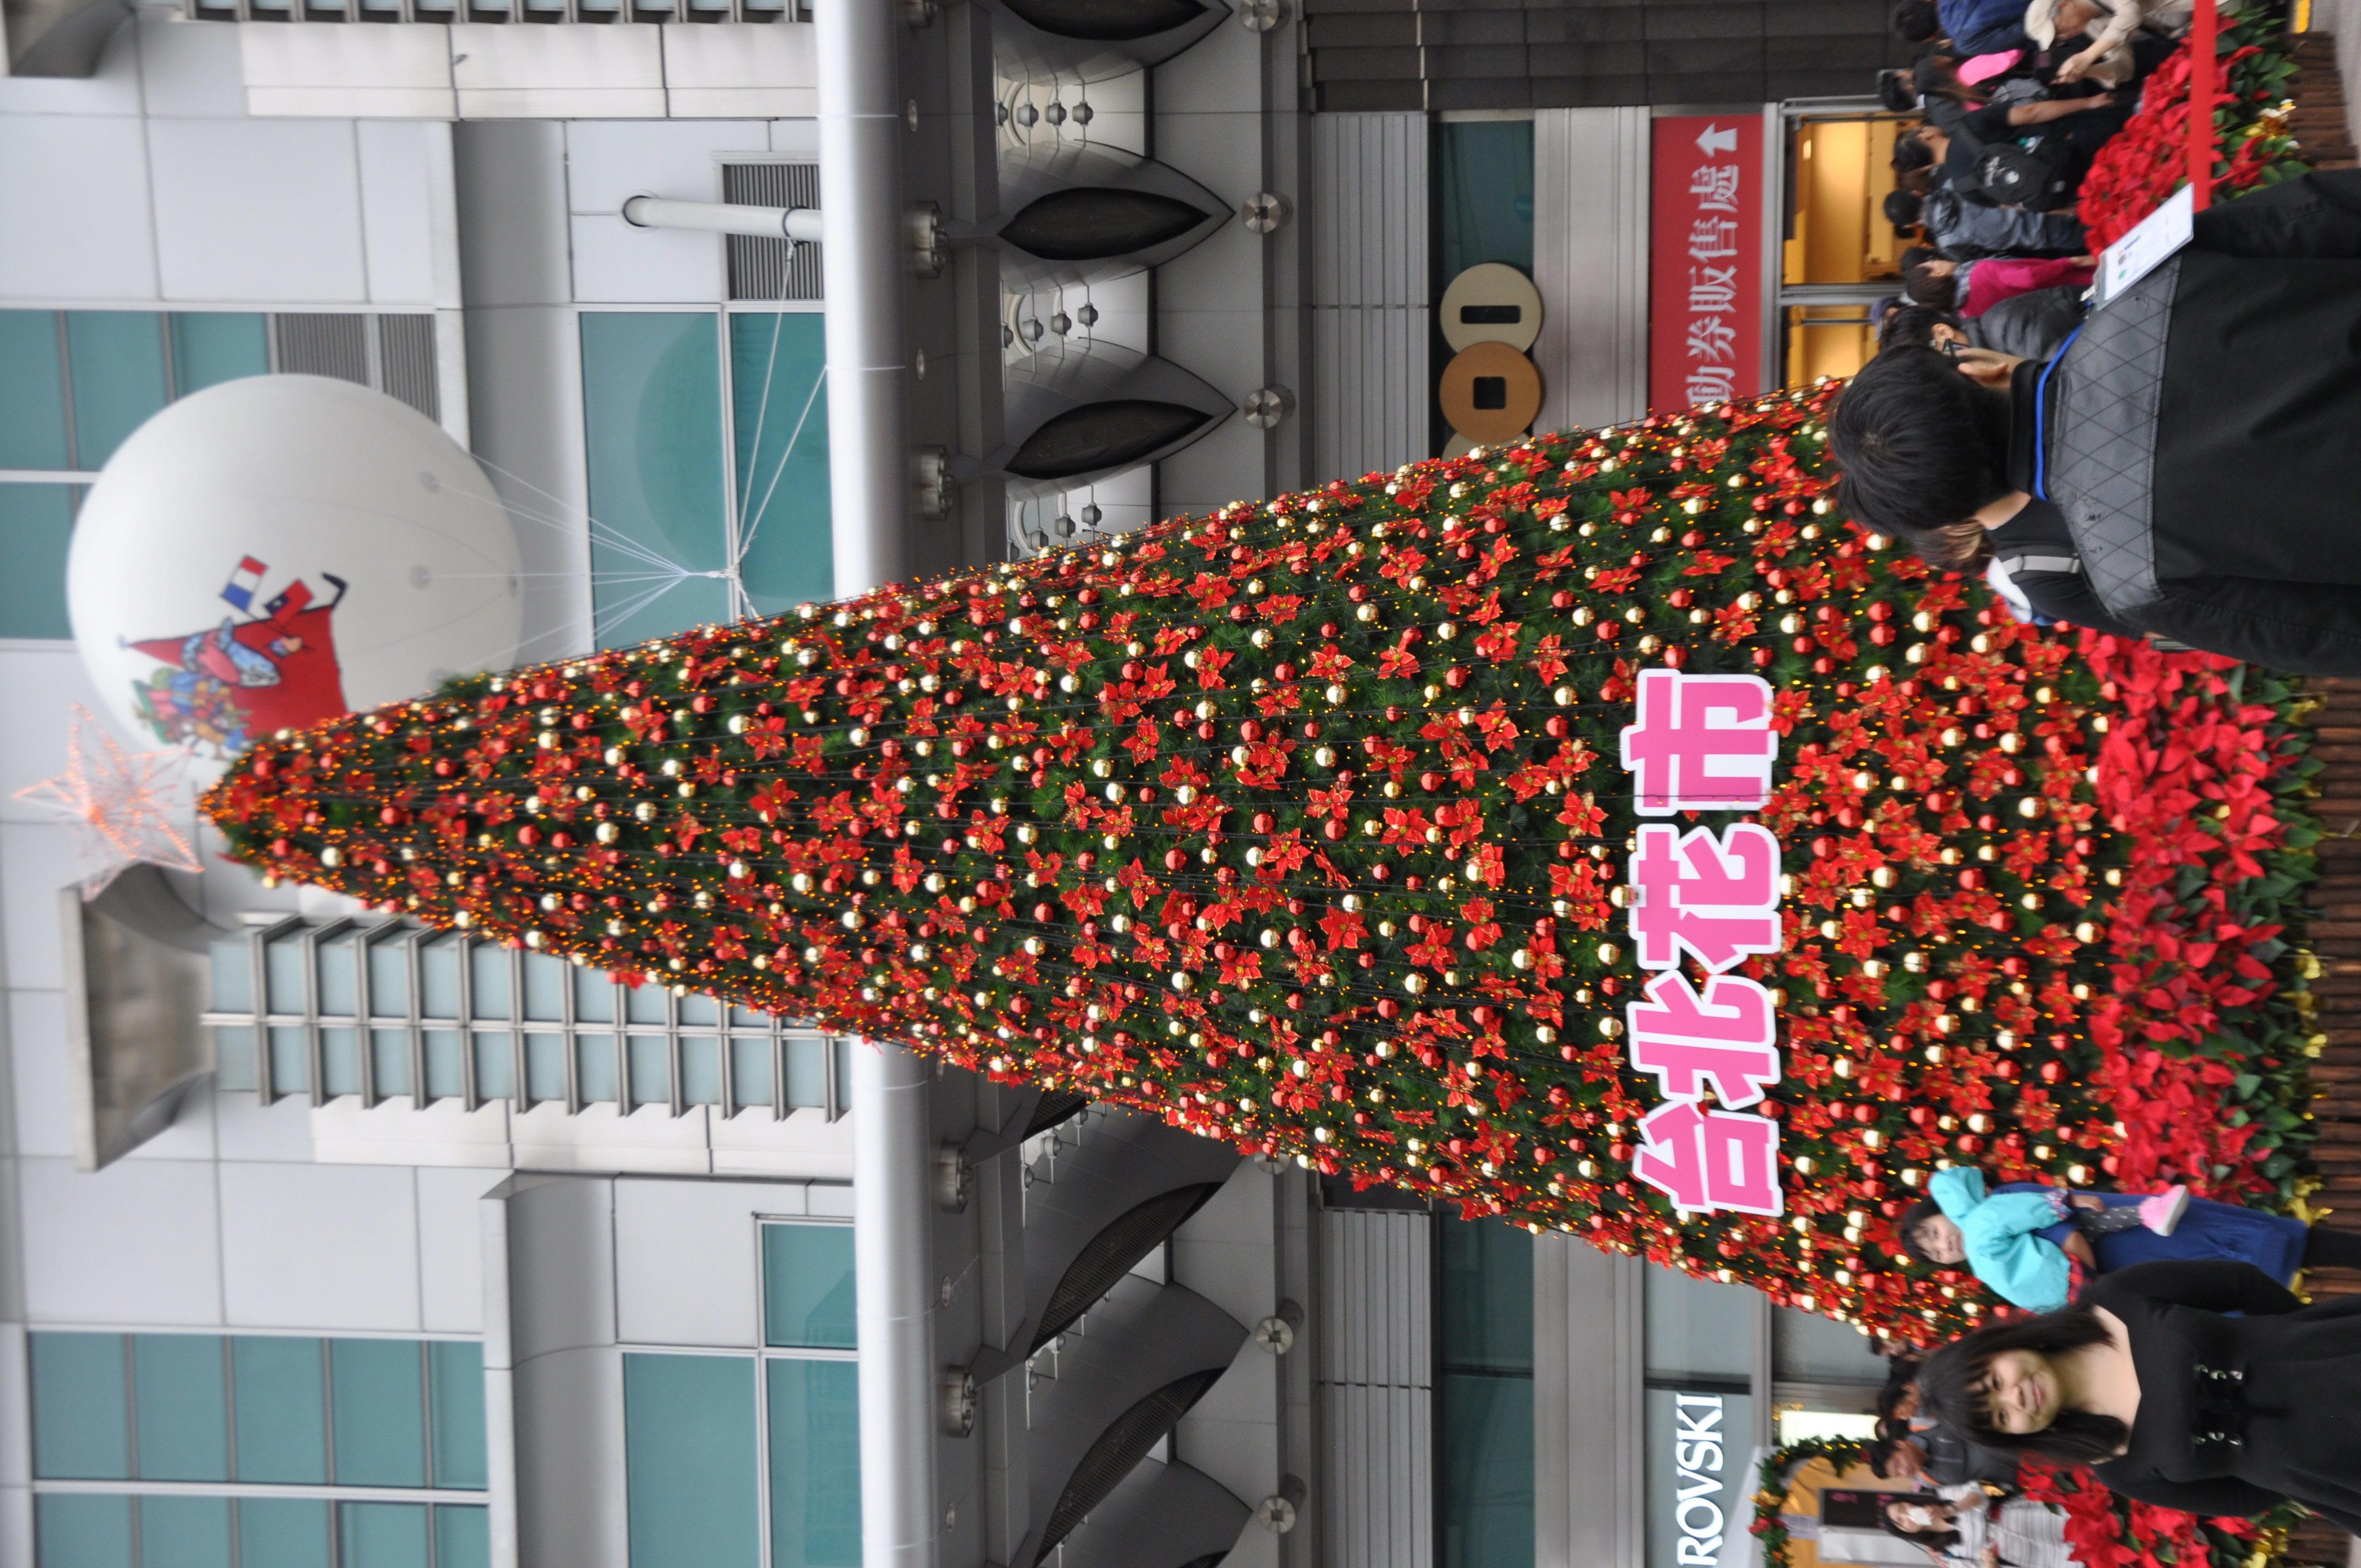 現場聖誕樹上掛著「台北花市」贊助板。攝影/李玟逸